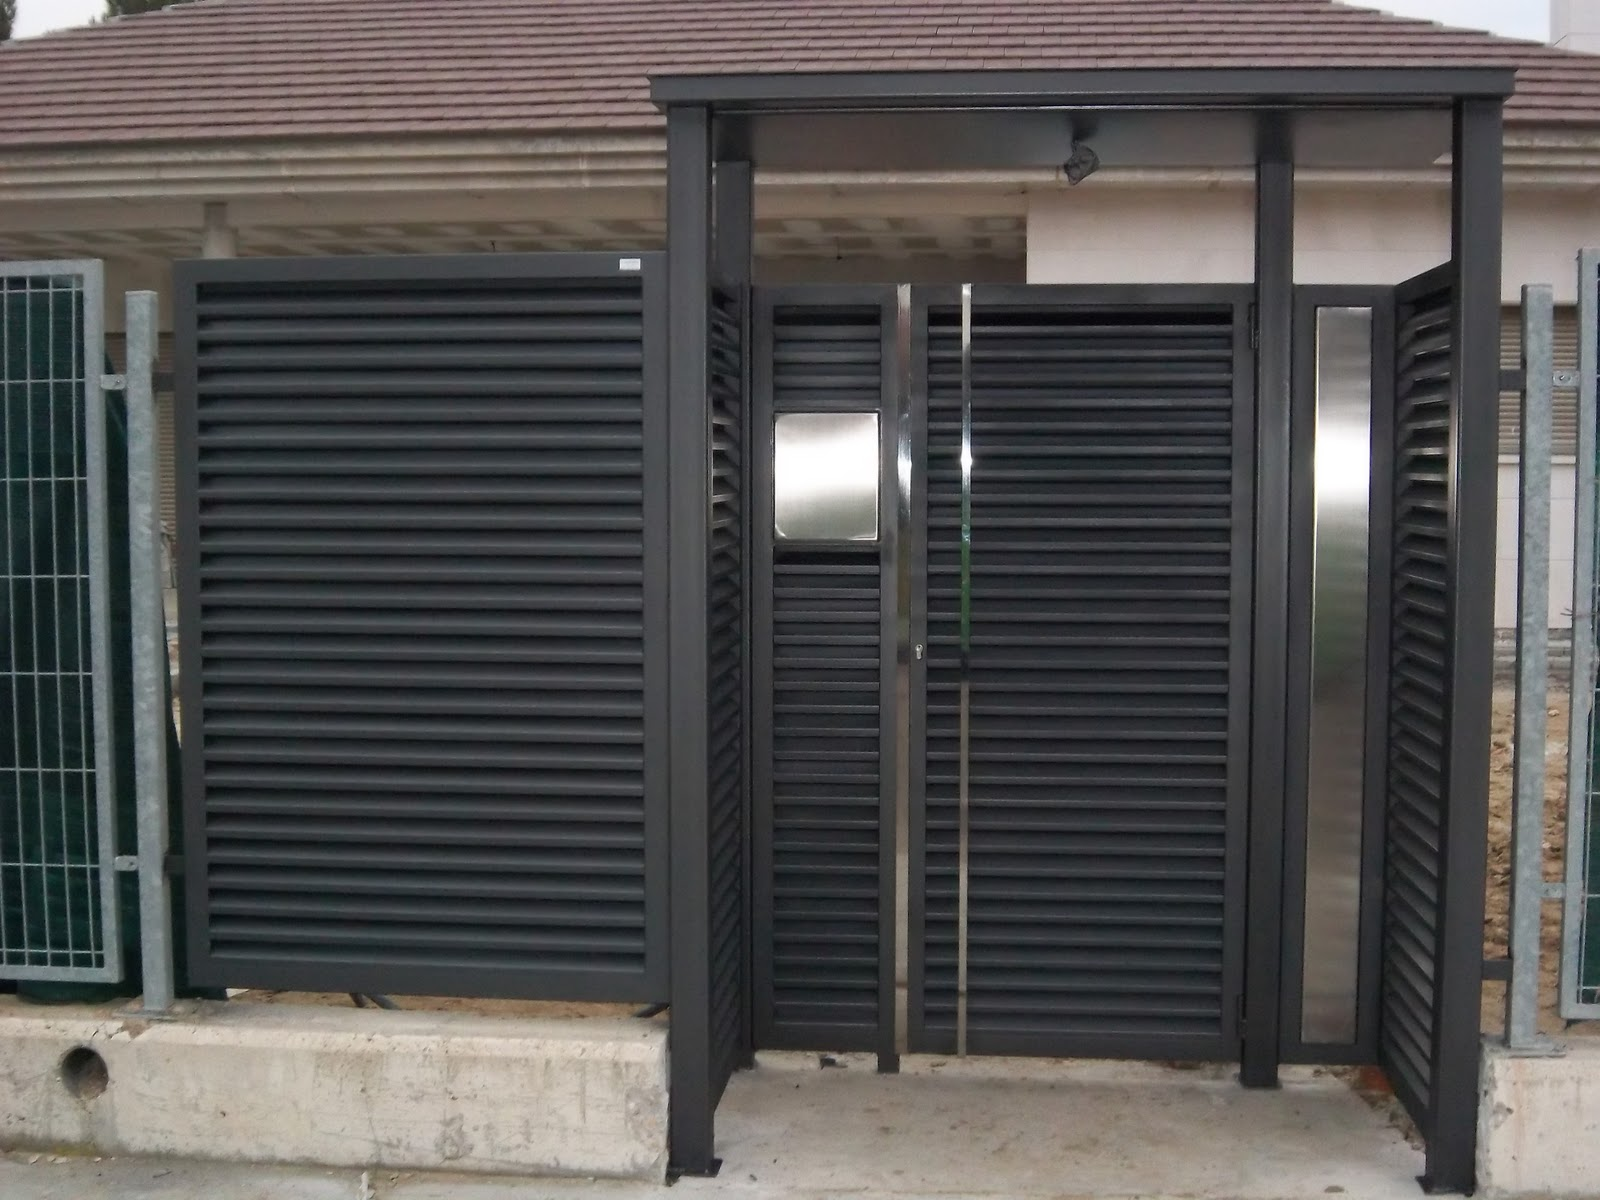 Norbel carpinteria met lica y acero inoxidable puerta - Puertas de valla ...